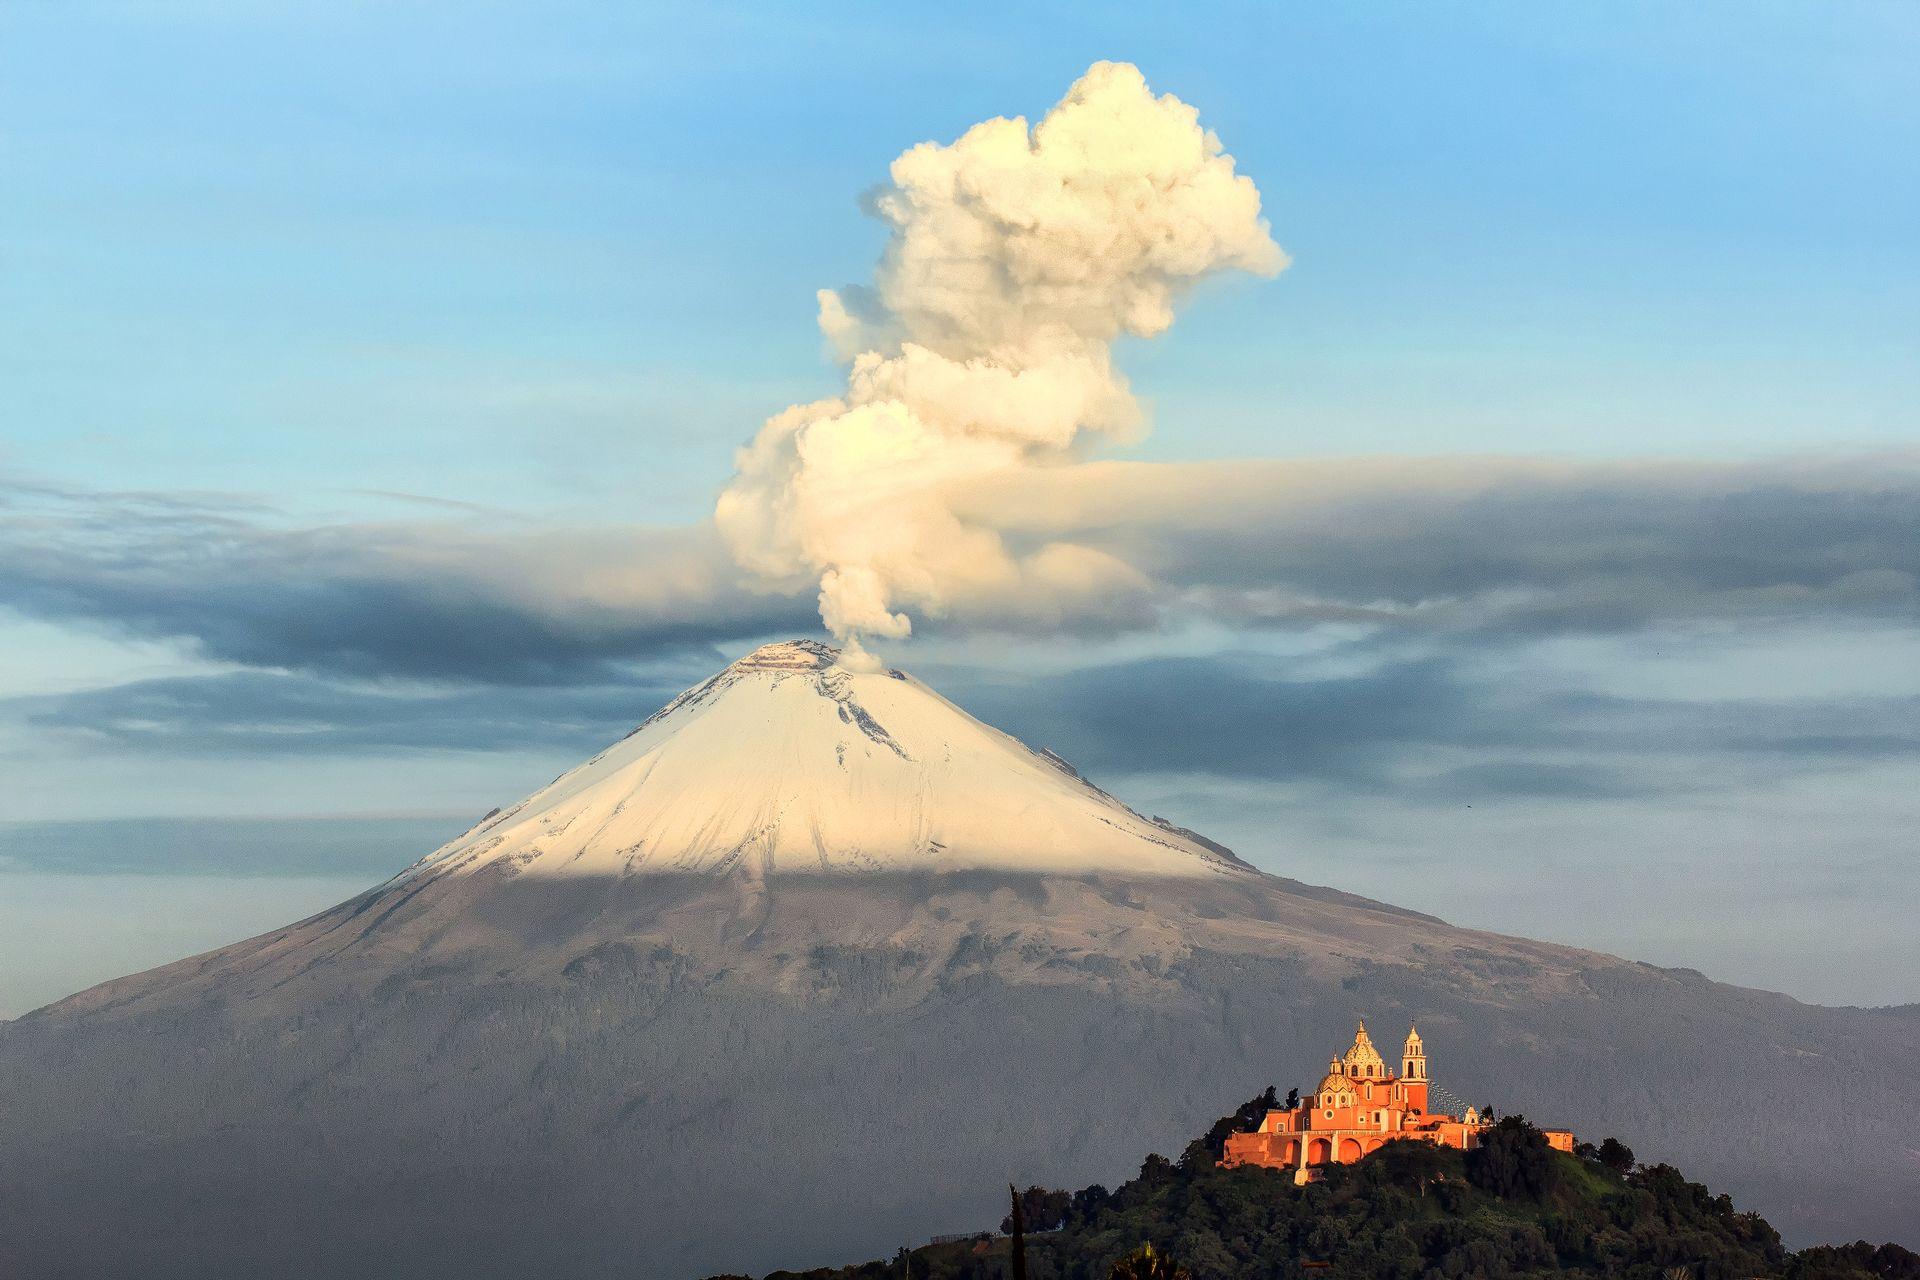 Nuestra Señora de los Remedios church, Pirámide Tepanapa, Popocatépetl, Iztaccihuatl, puebla, mexico, vulcano, smoke, erruption, church in front of vulcano, biggest pyramid, earthporn, landscape